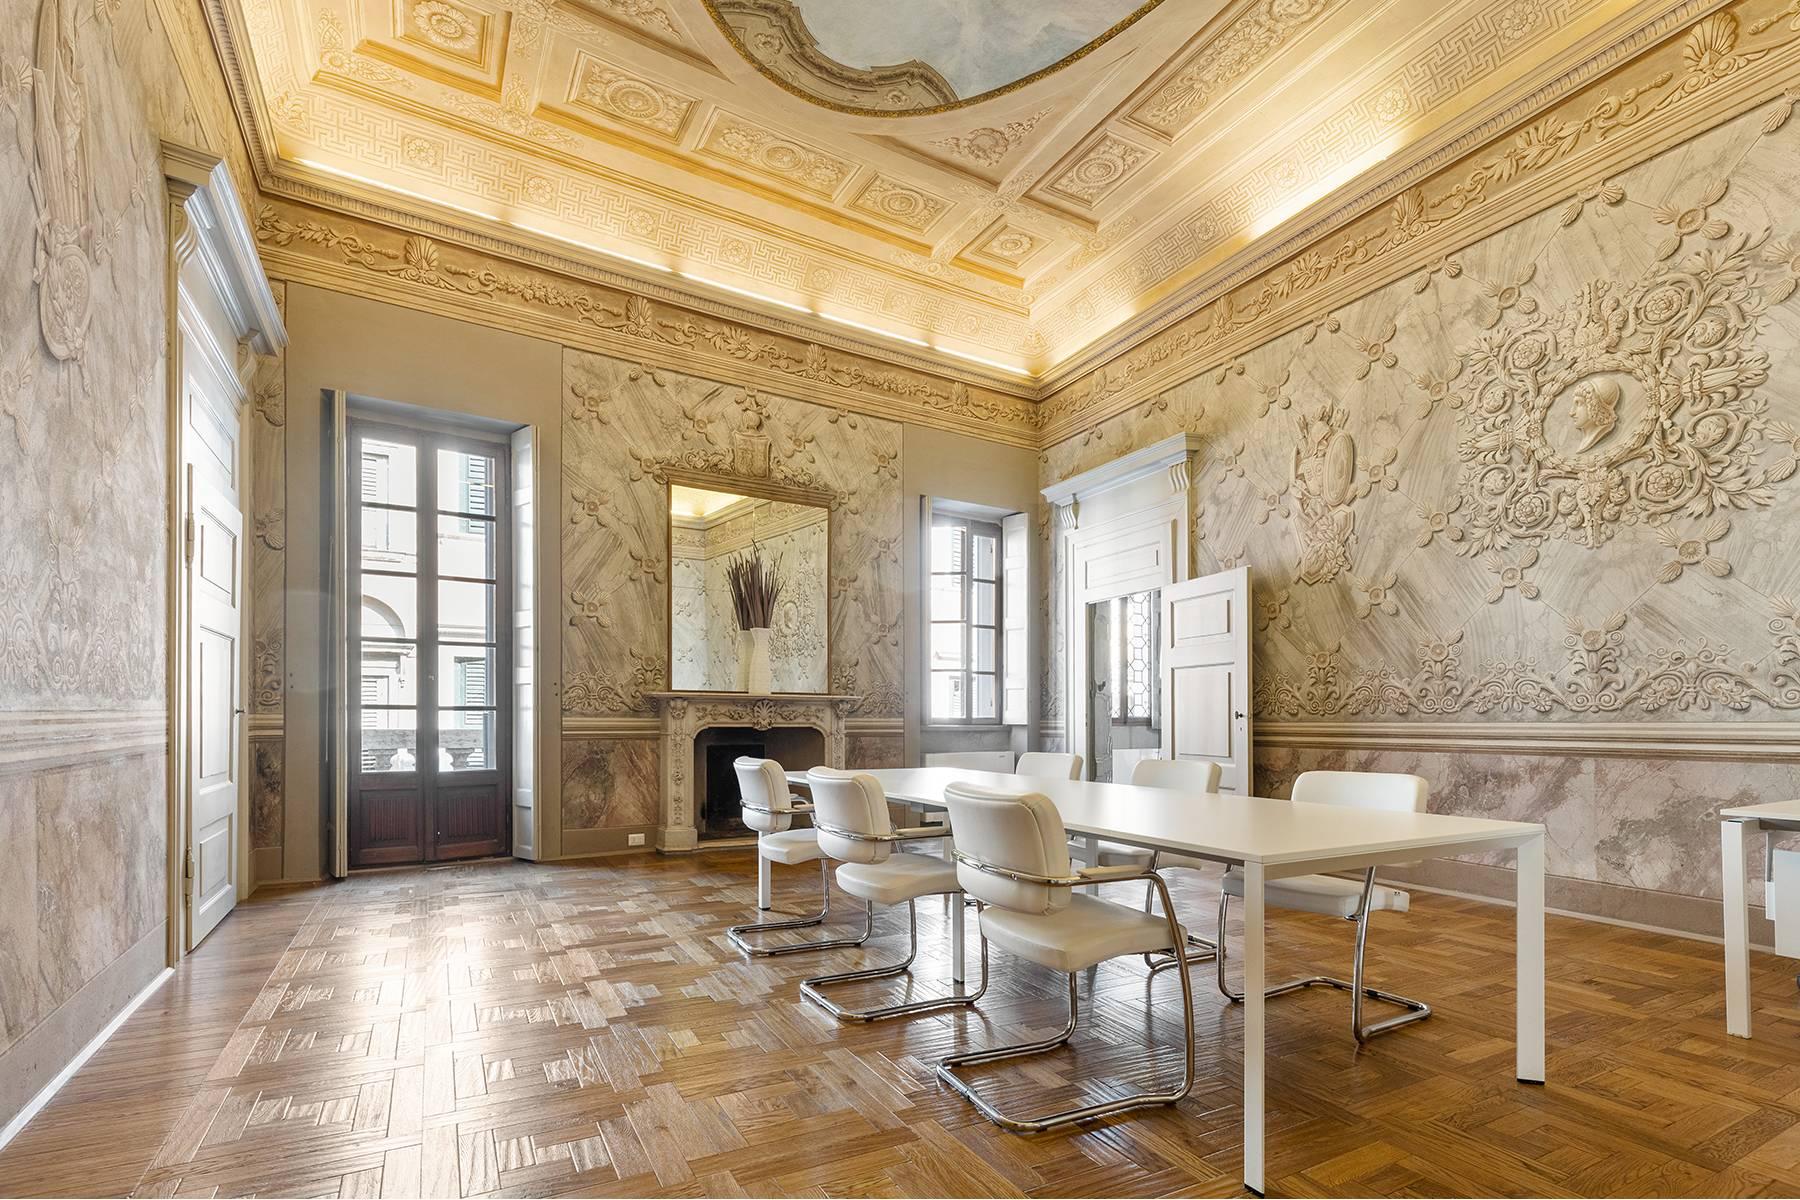 Ufficio-studio in Vendita a Verona: 5 locali, 615 mq - Foto 11